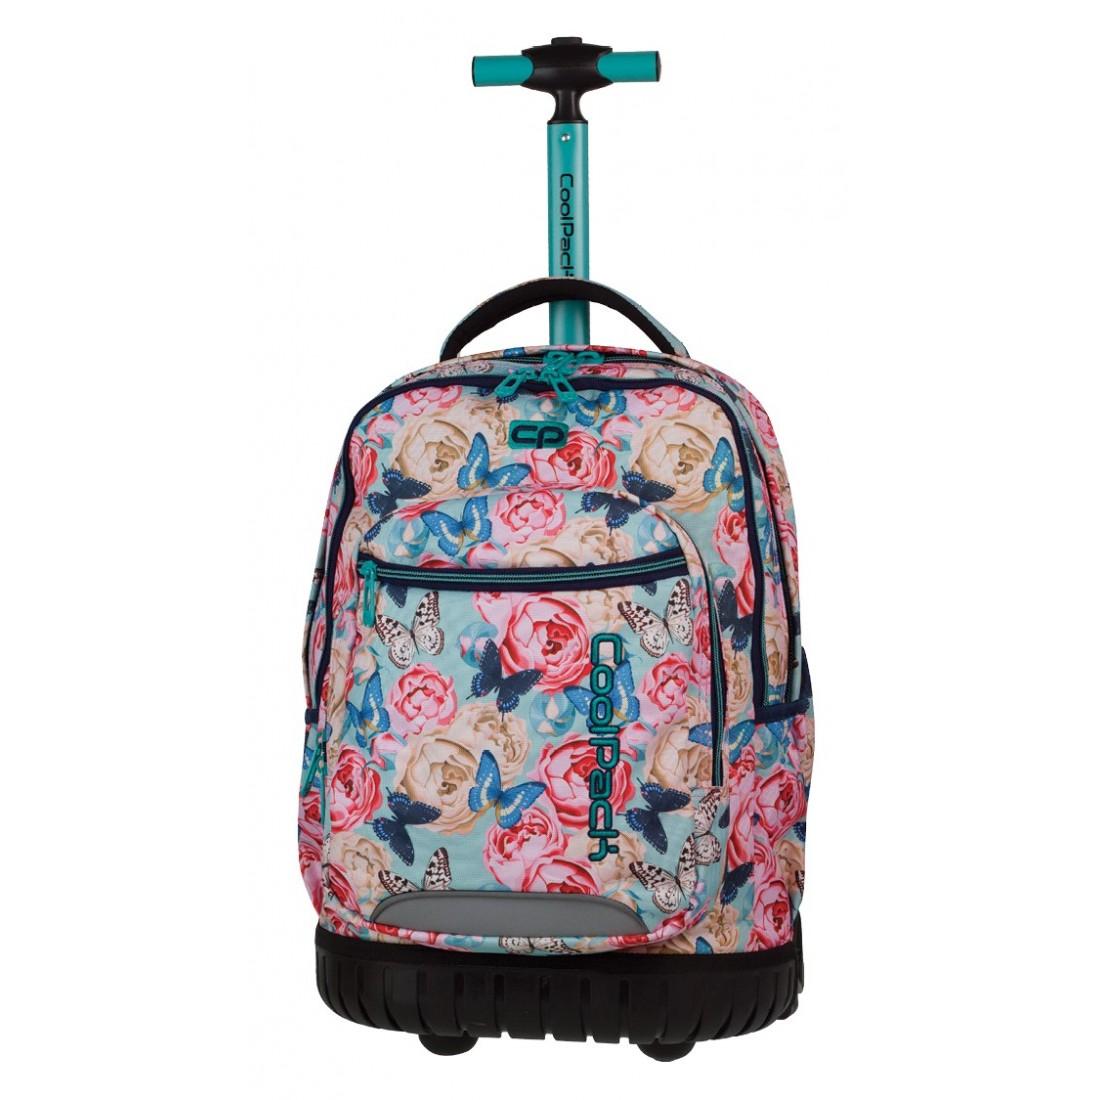 44810aa1d4364 Plecak na kółkach CoolPack Swift w motyle dla dziewczynki - plecak ...